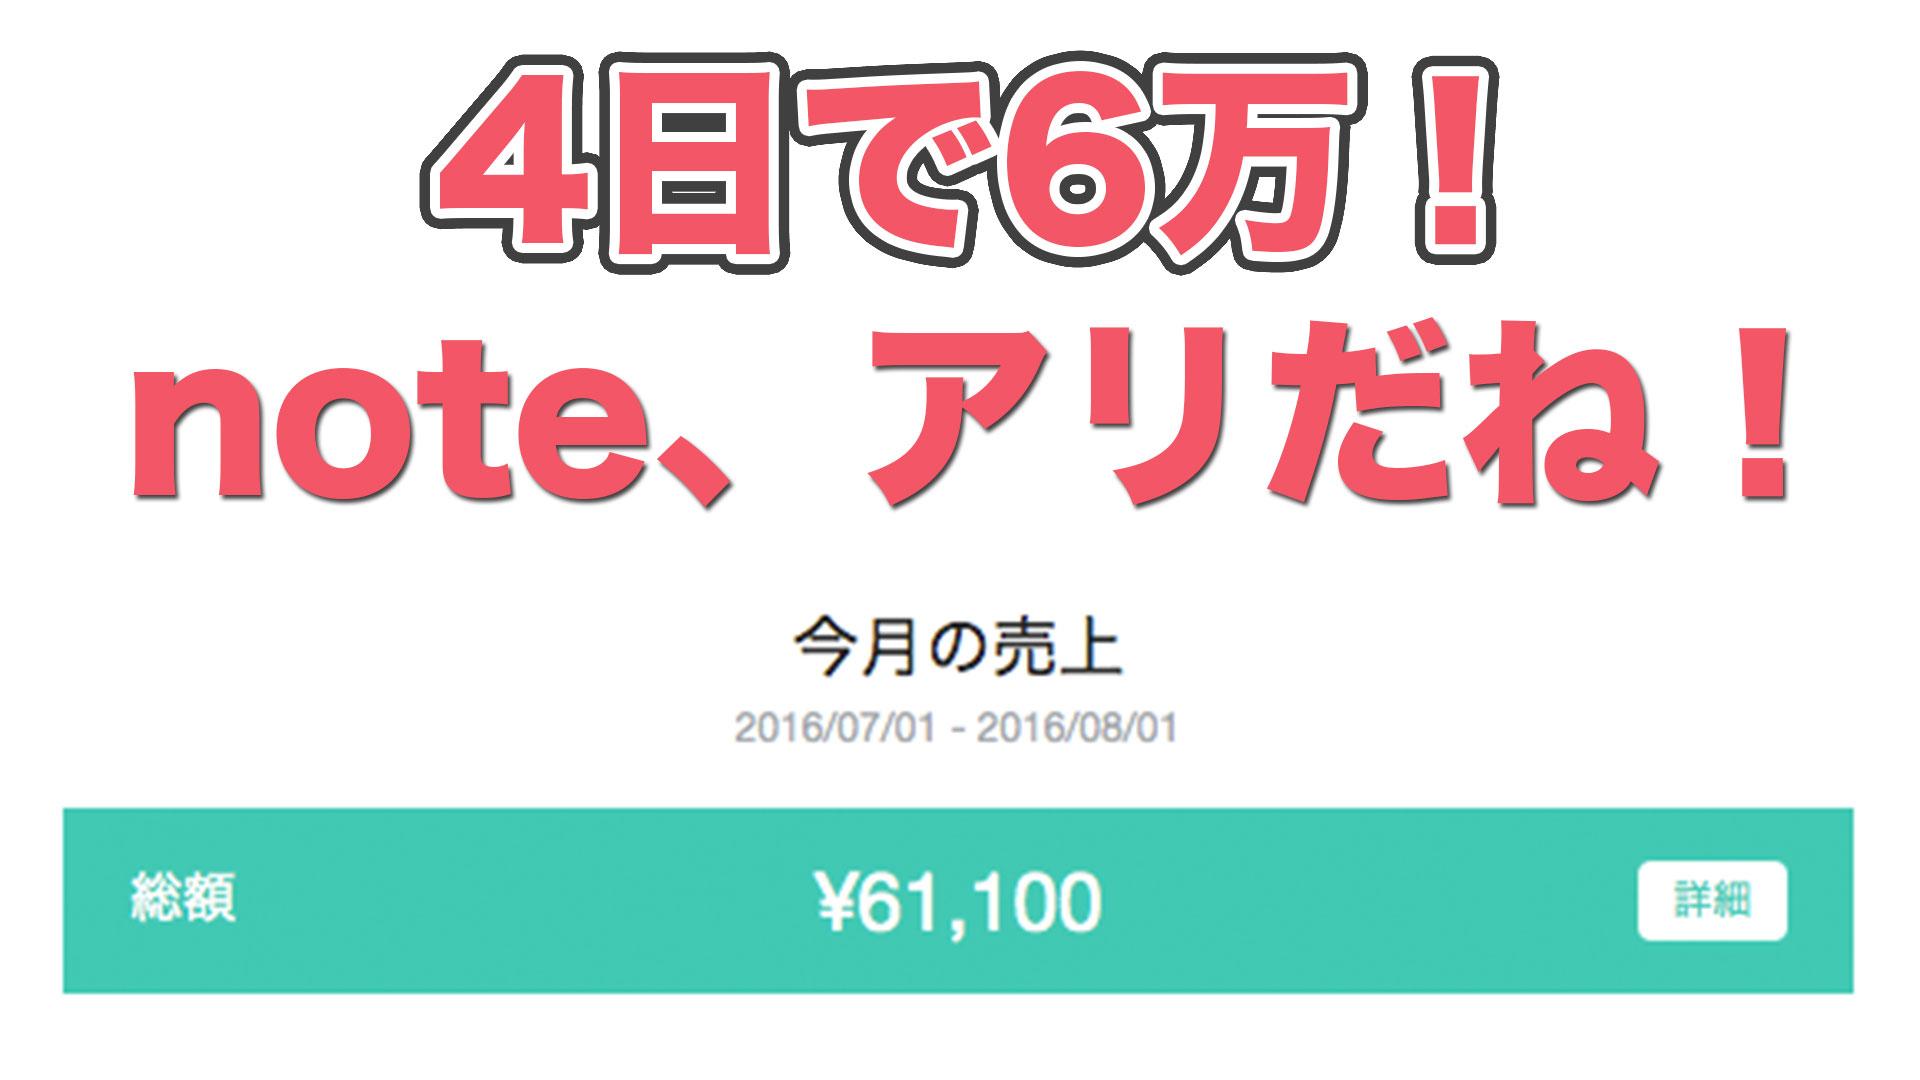 ブログ記事が売れる時代!4日で売上6万円越え!noteを始めよう! #note #ブログ